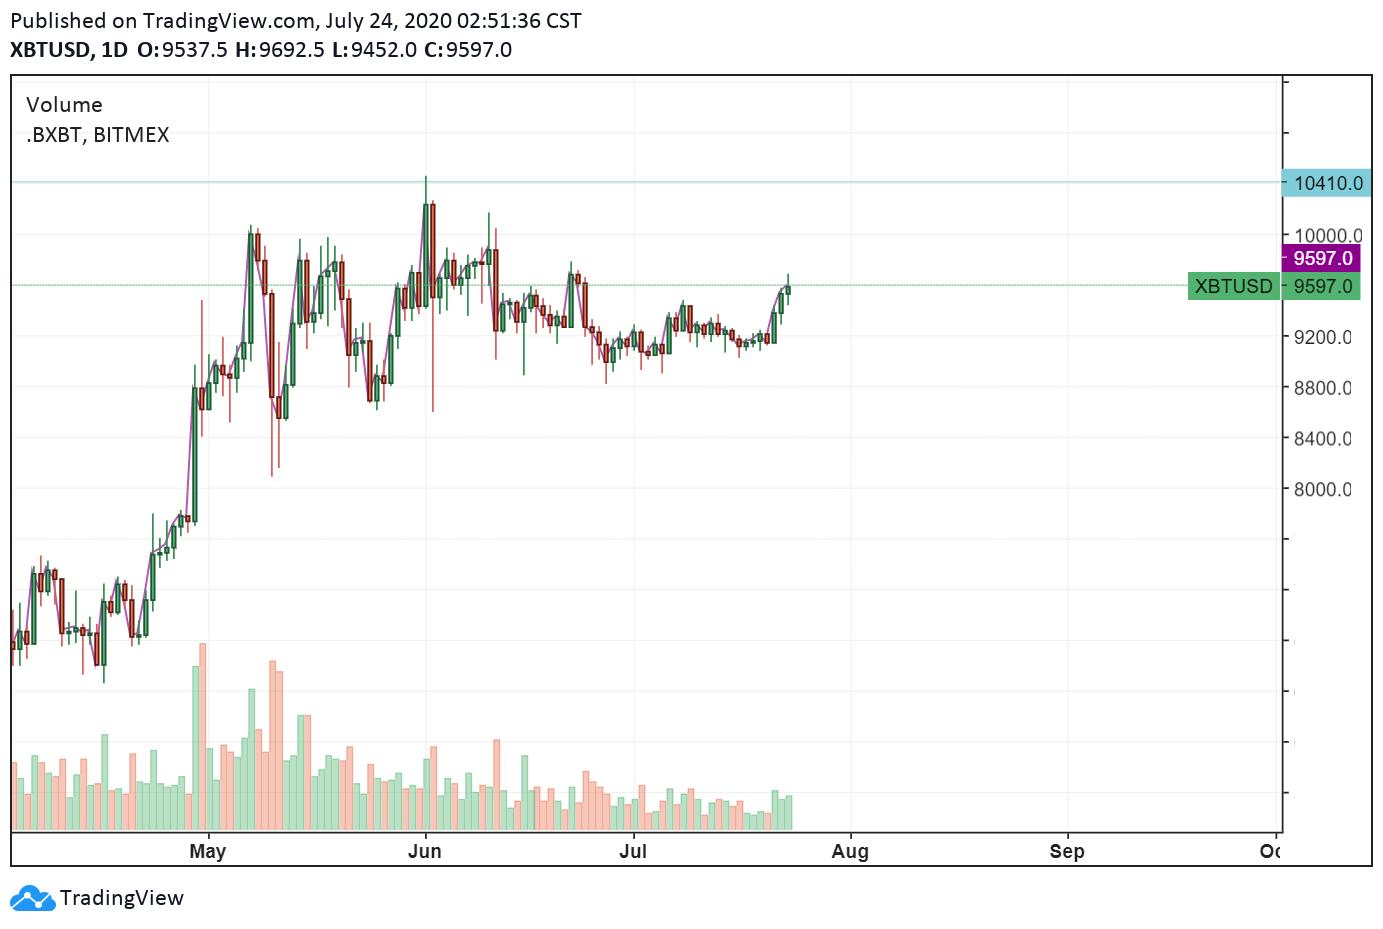 Gráfico diario de BTC/USDT